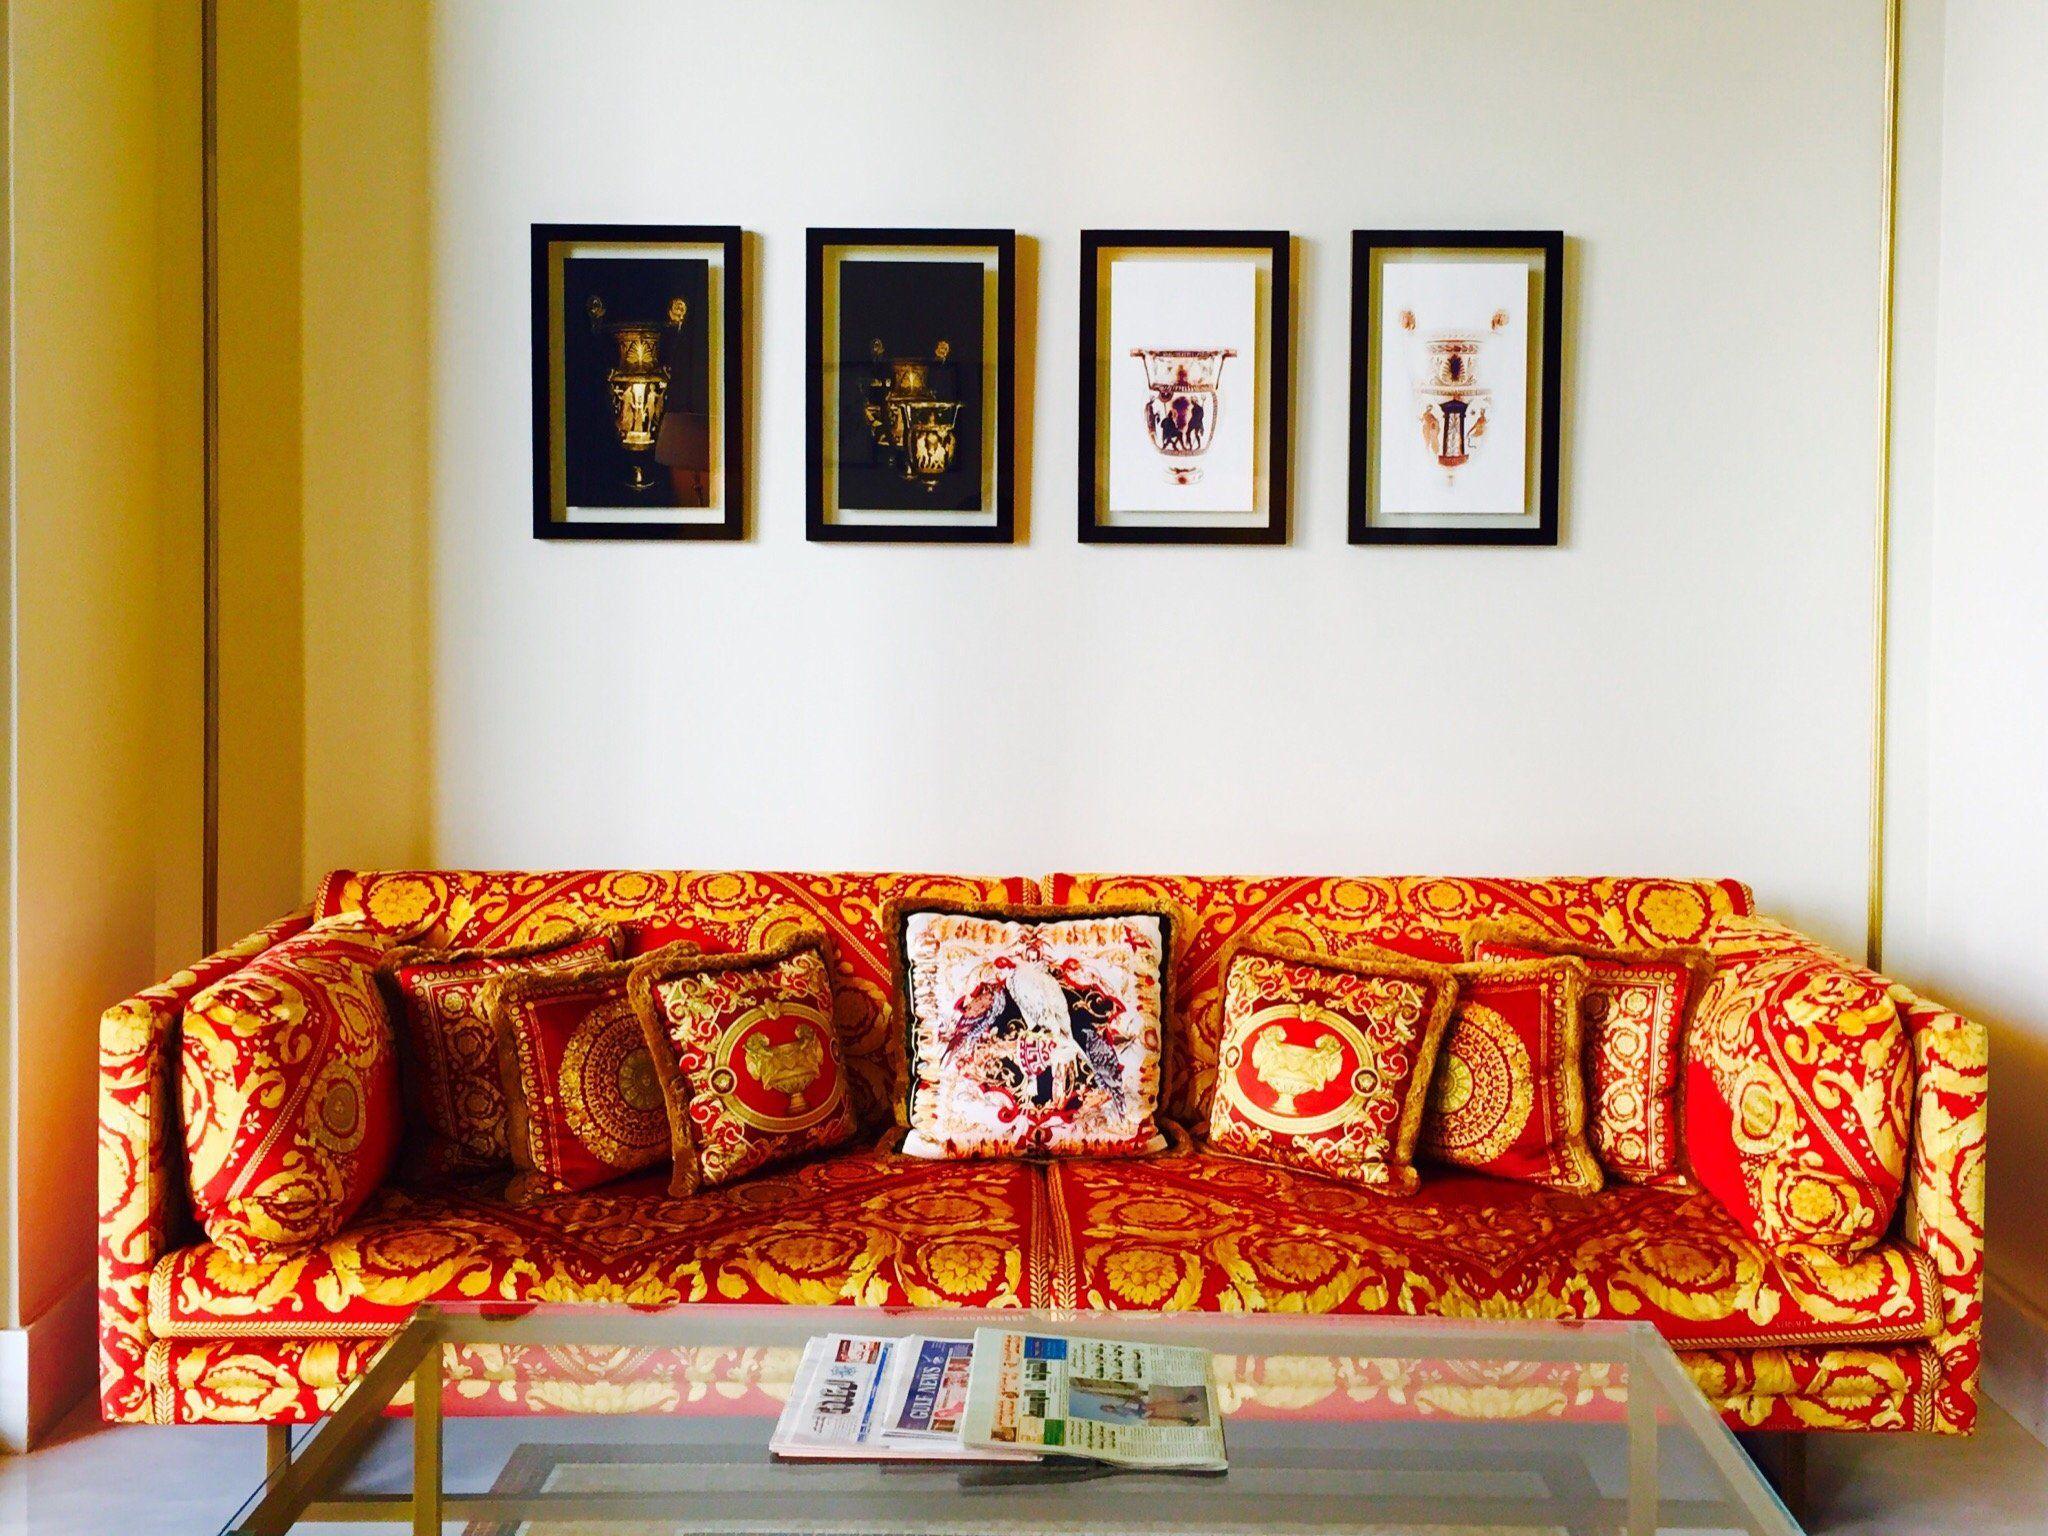 Palazzo Versace Dubai - arvostelut sekä hintavertailu - TripAdvisor